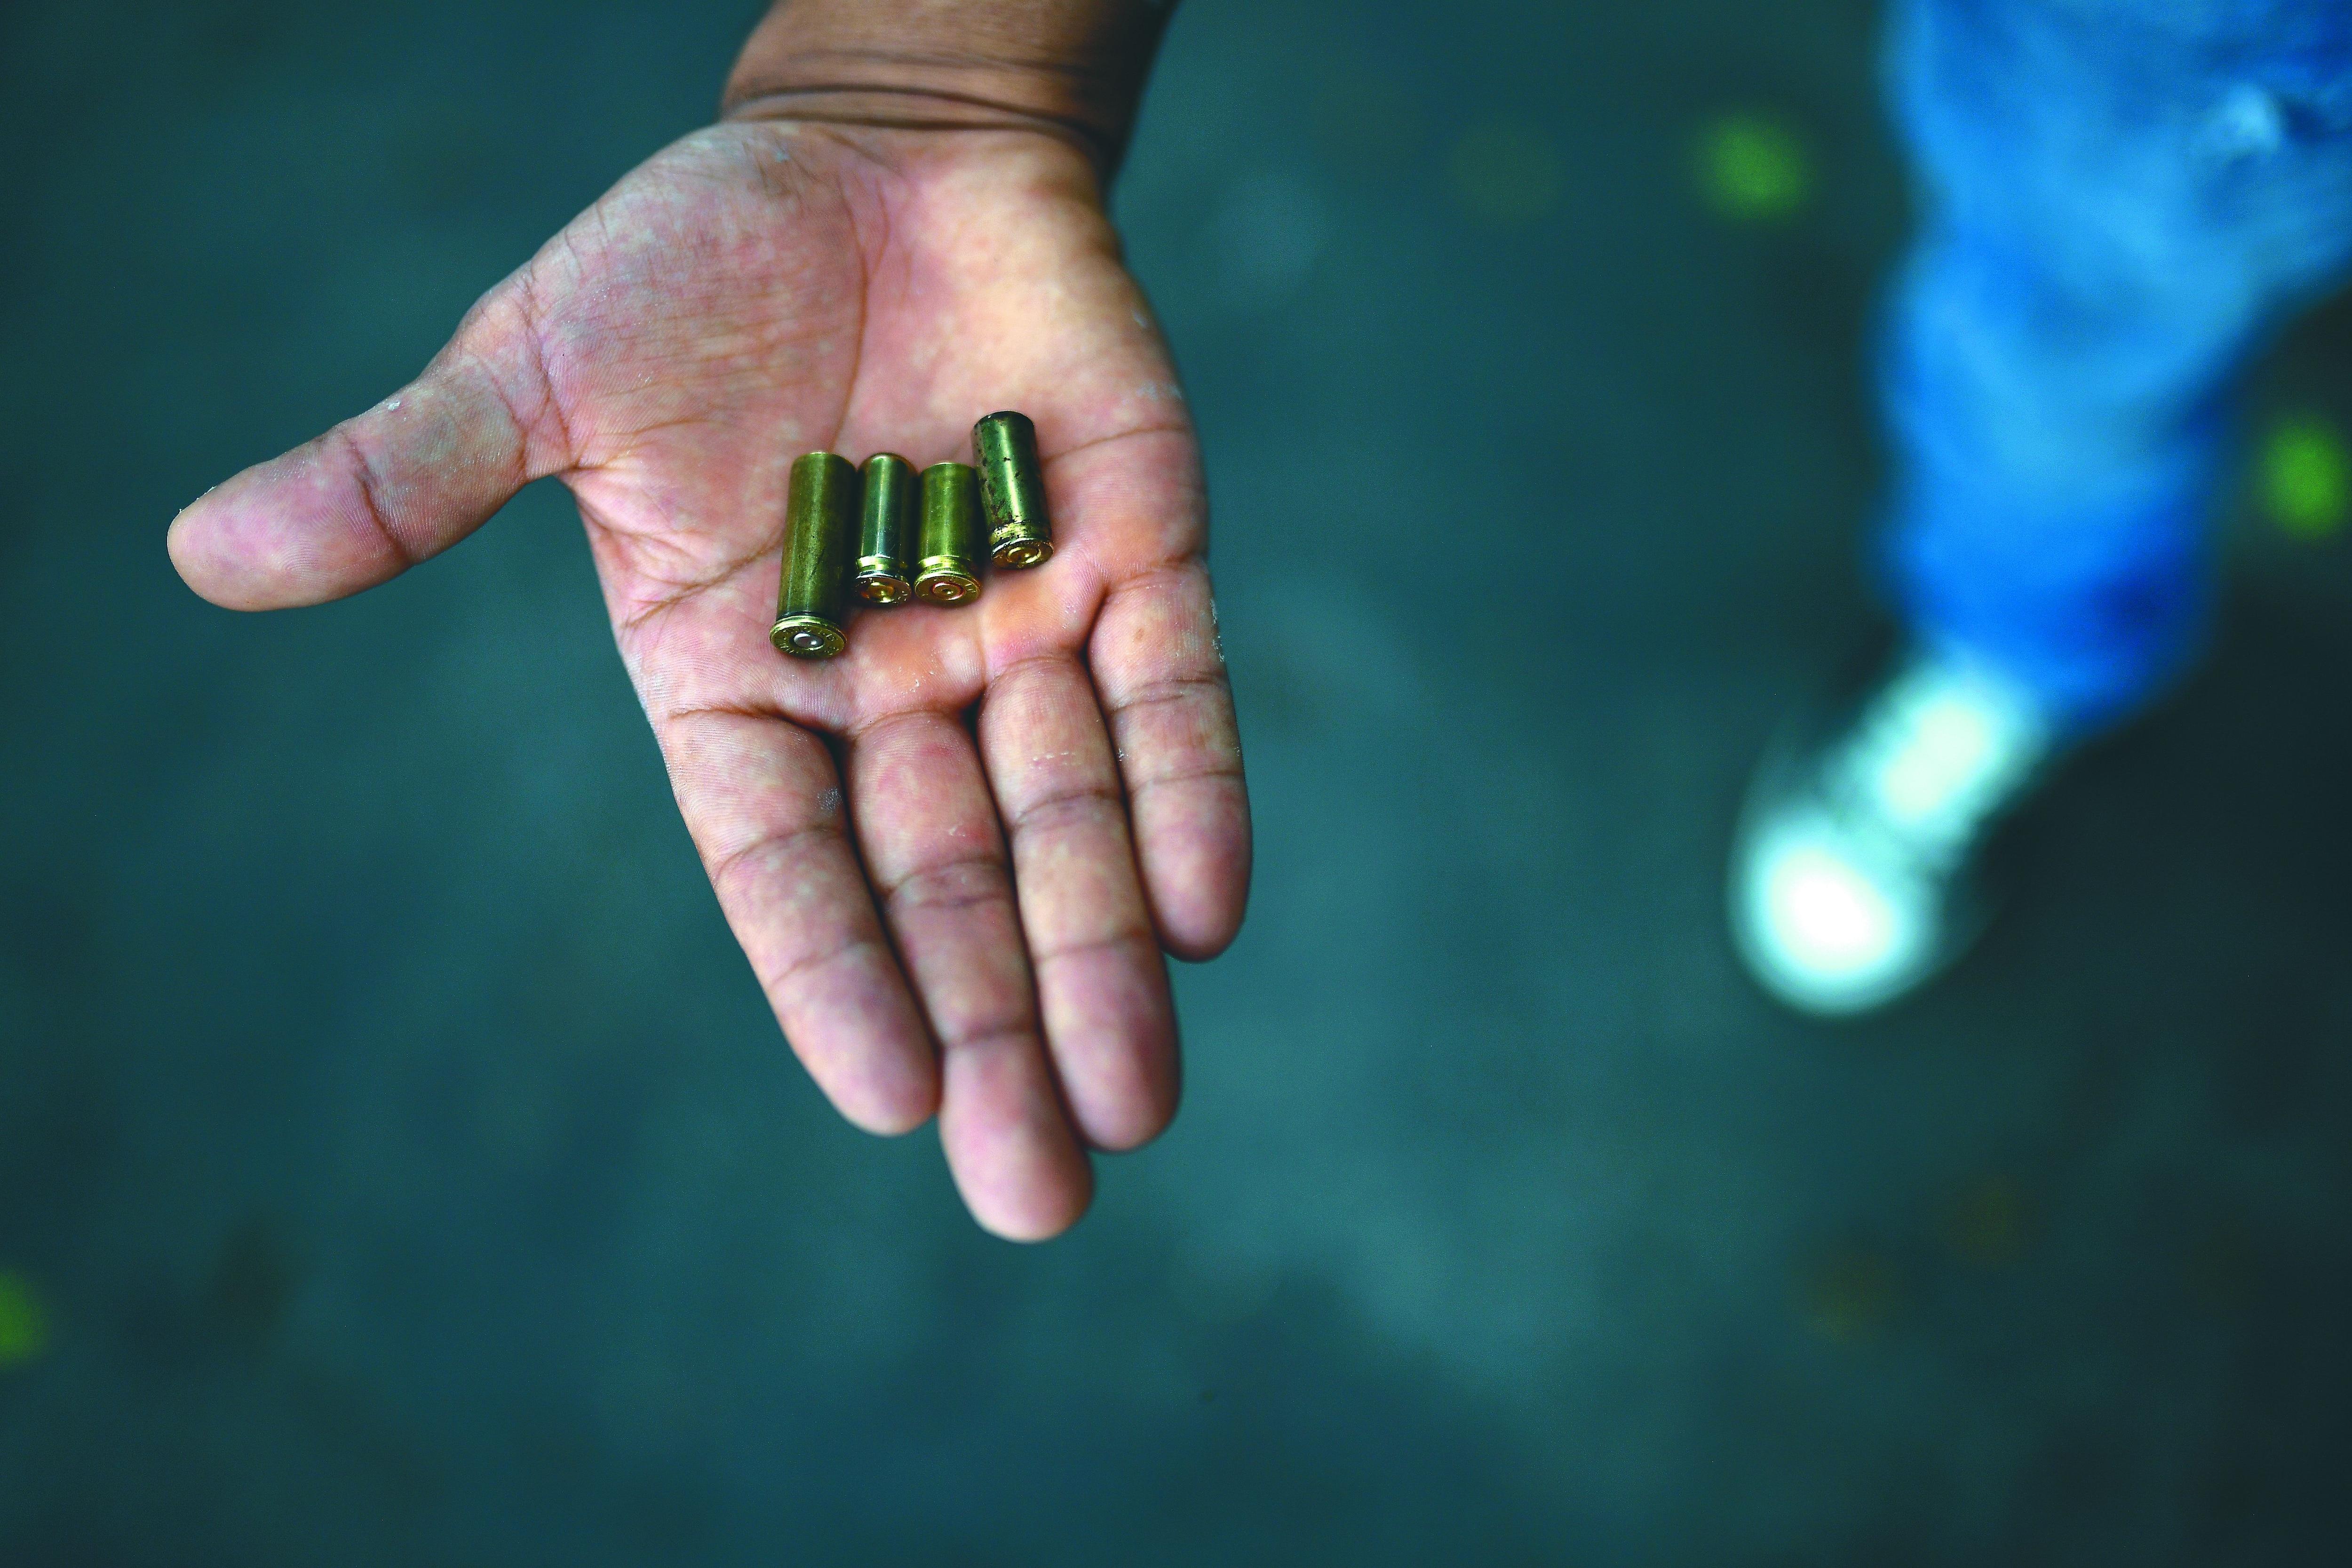 En varias ciudades del país se han reportado casos de armas disparadas por la Fuerza Pública en manifestaciones (Foto referencia).